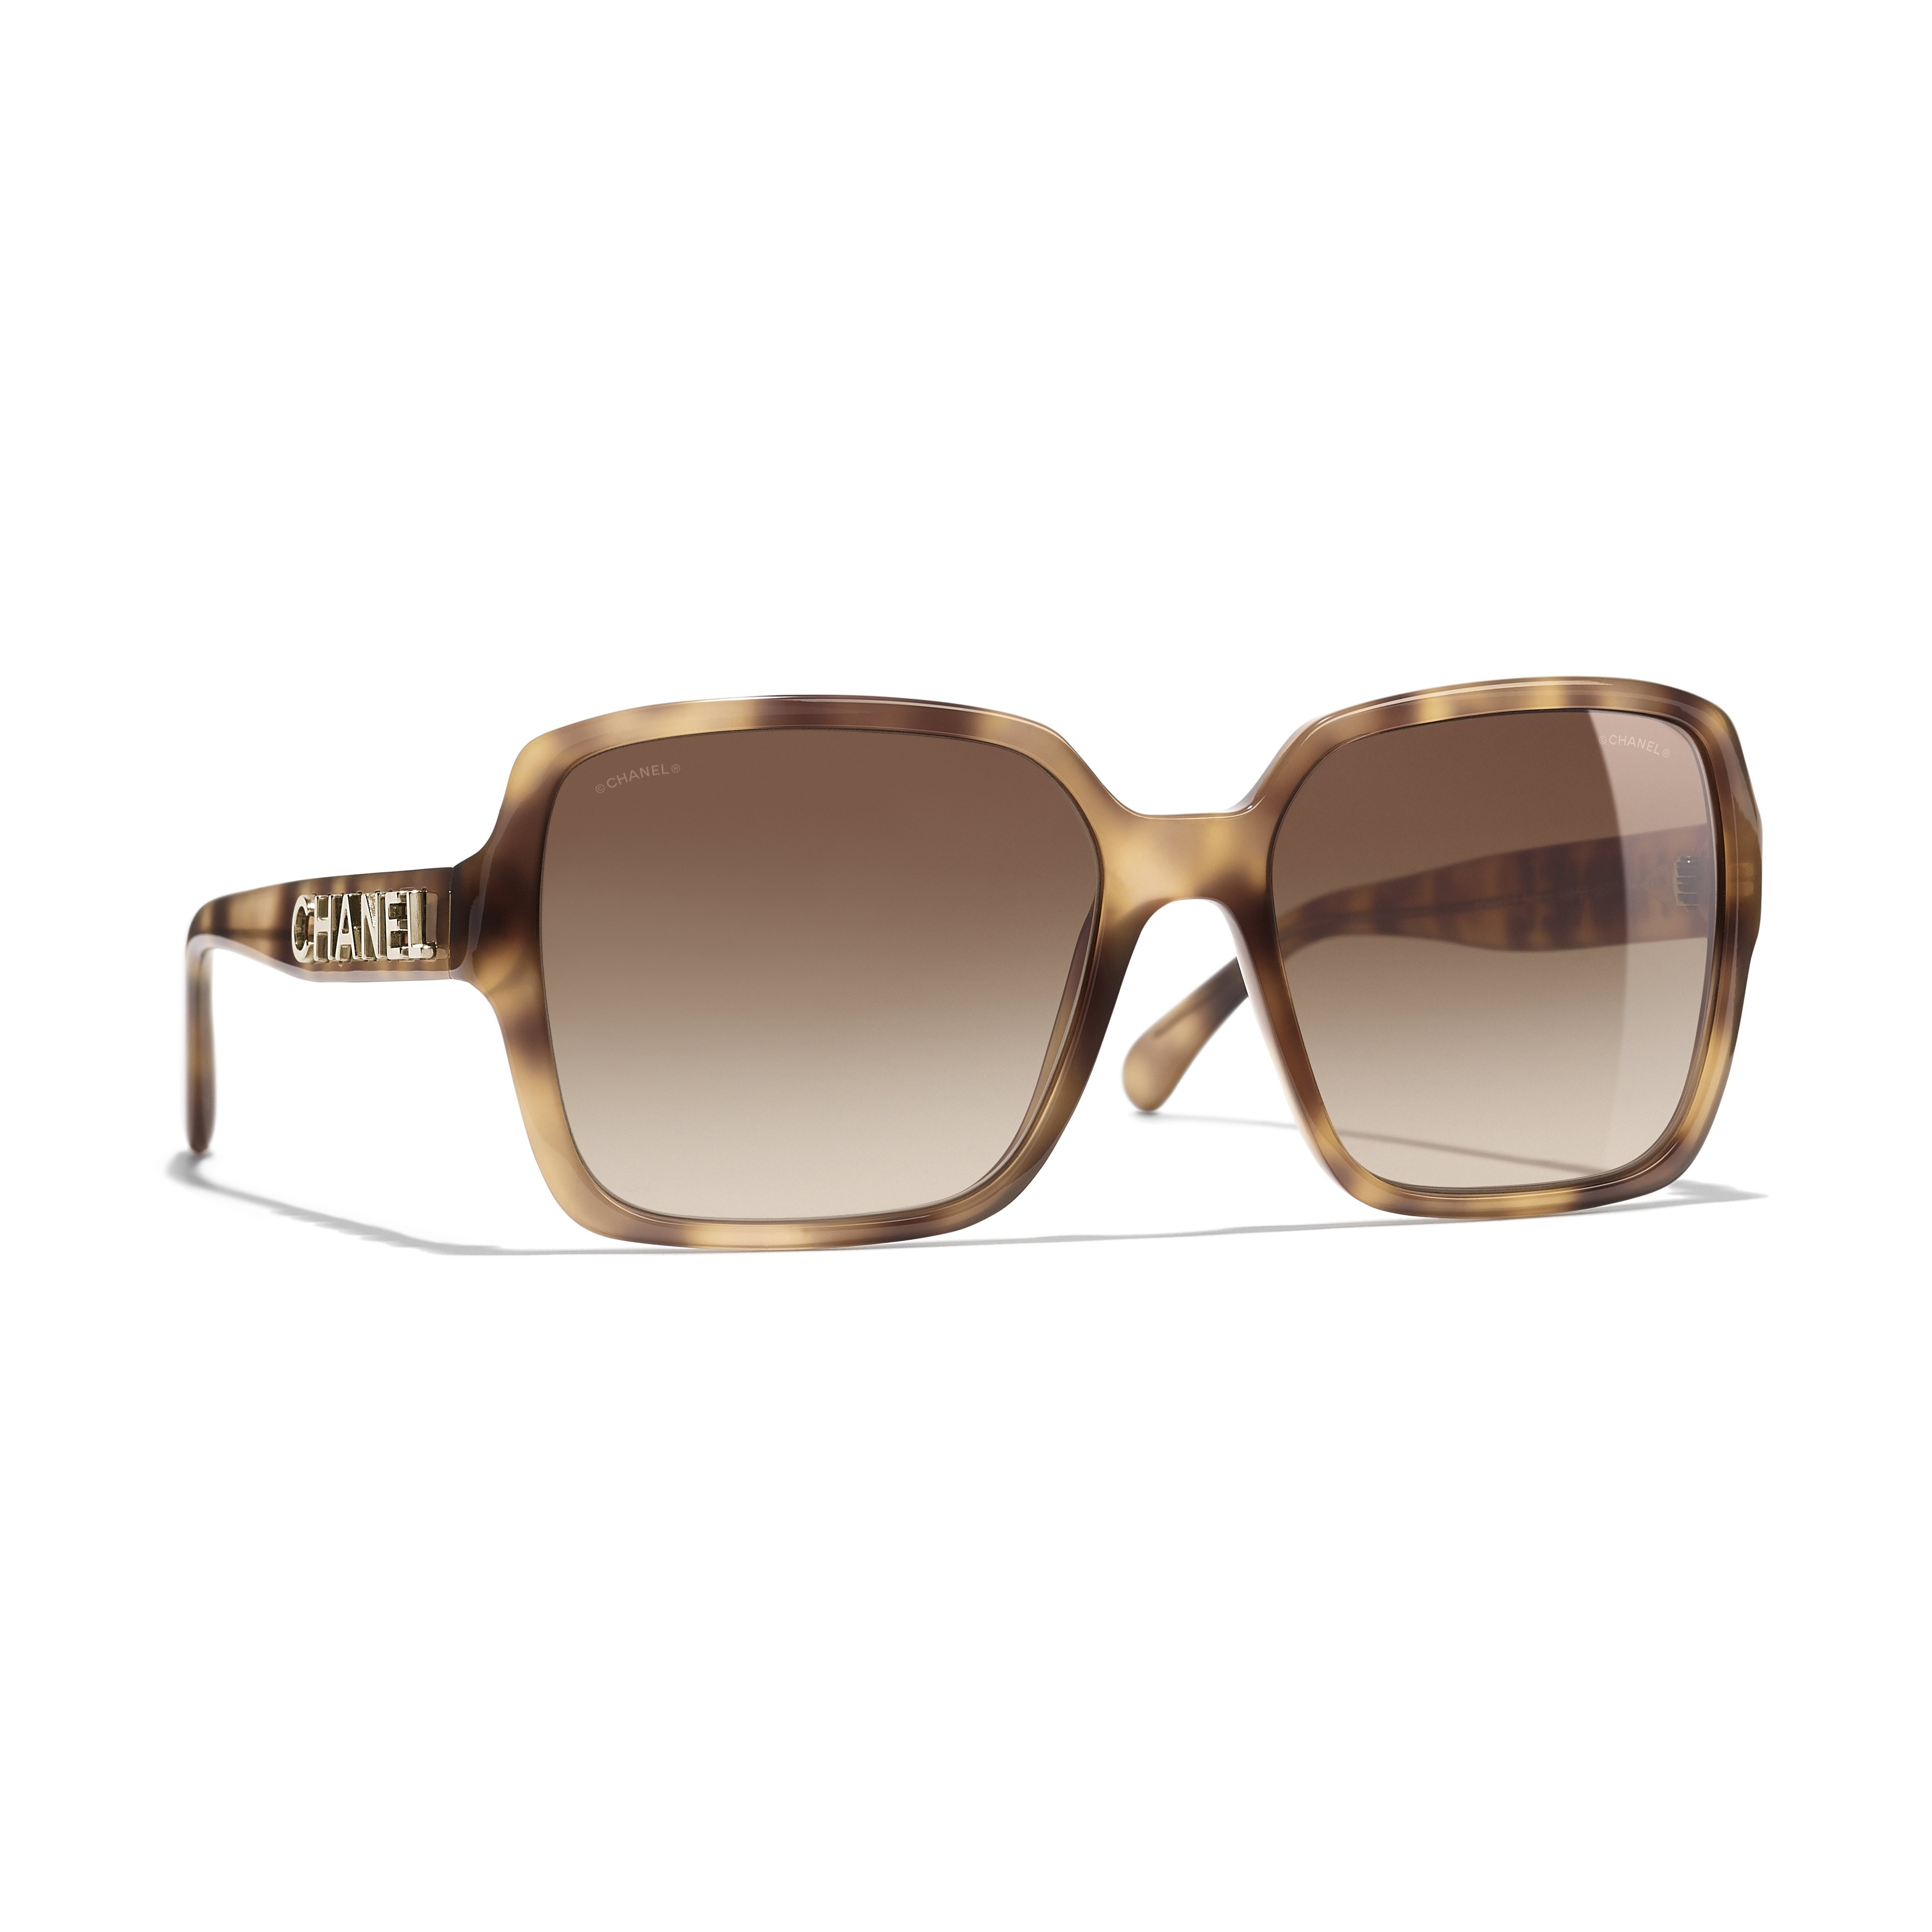 5003e5c079 ▷ Gafas Chanel - Tienda de gafas online - OpticalH